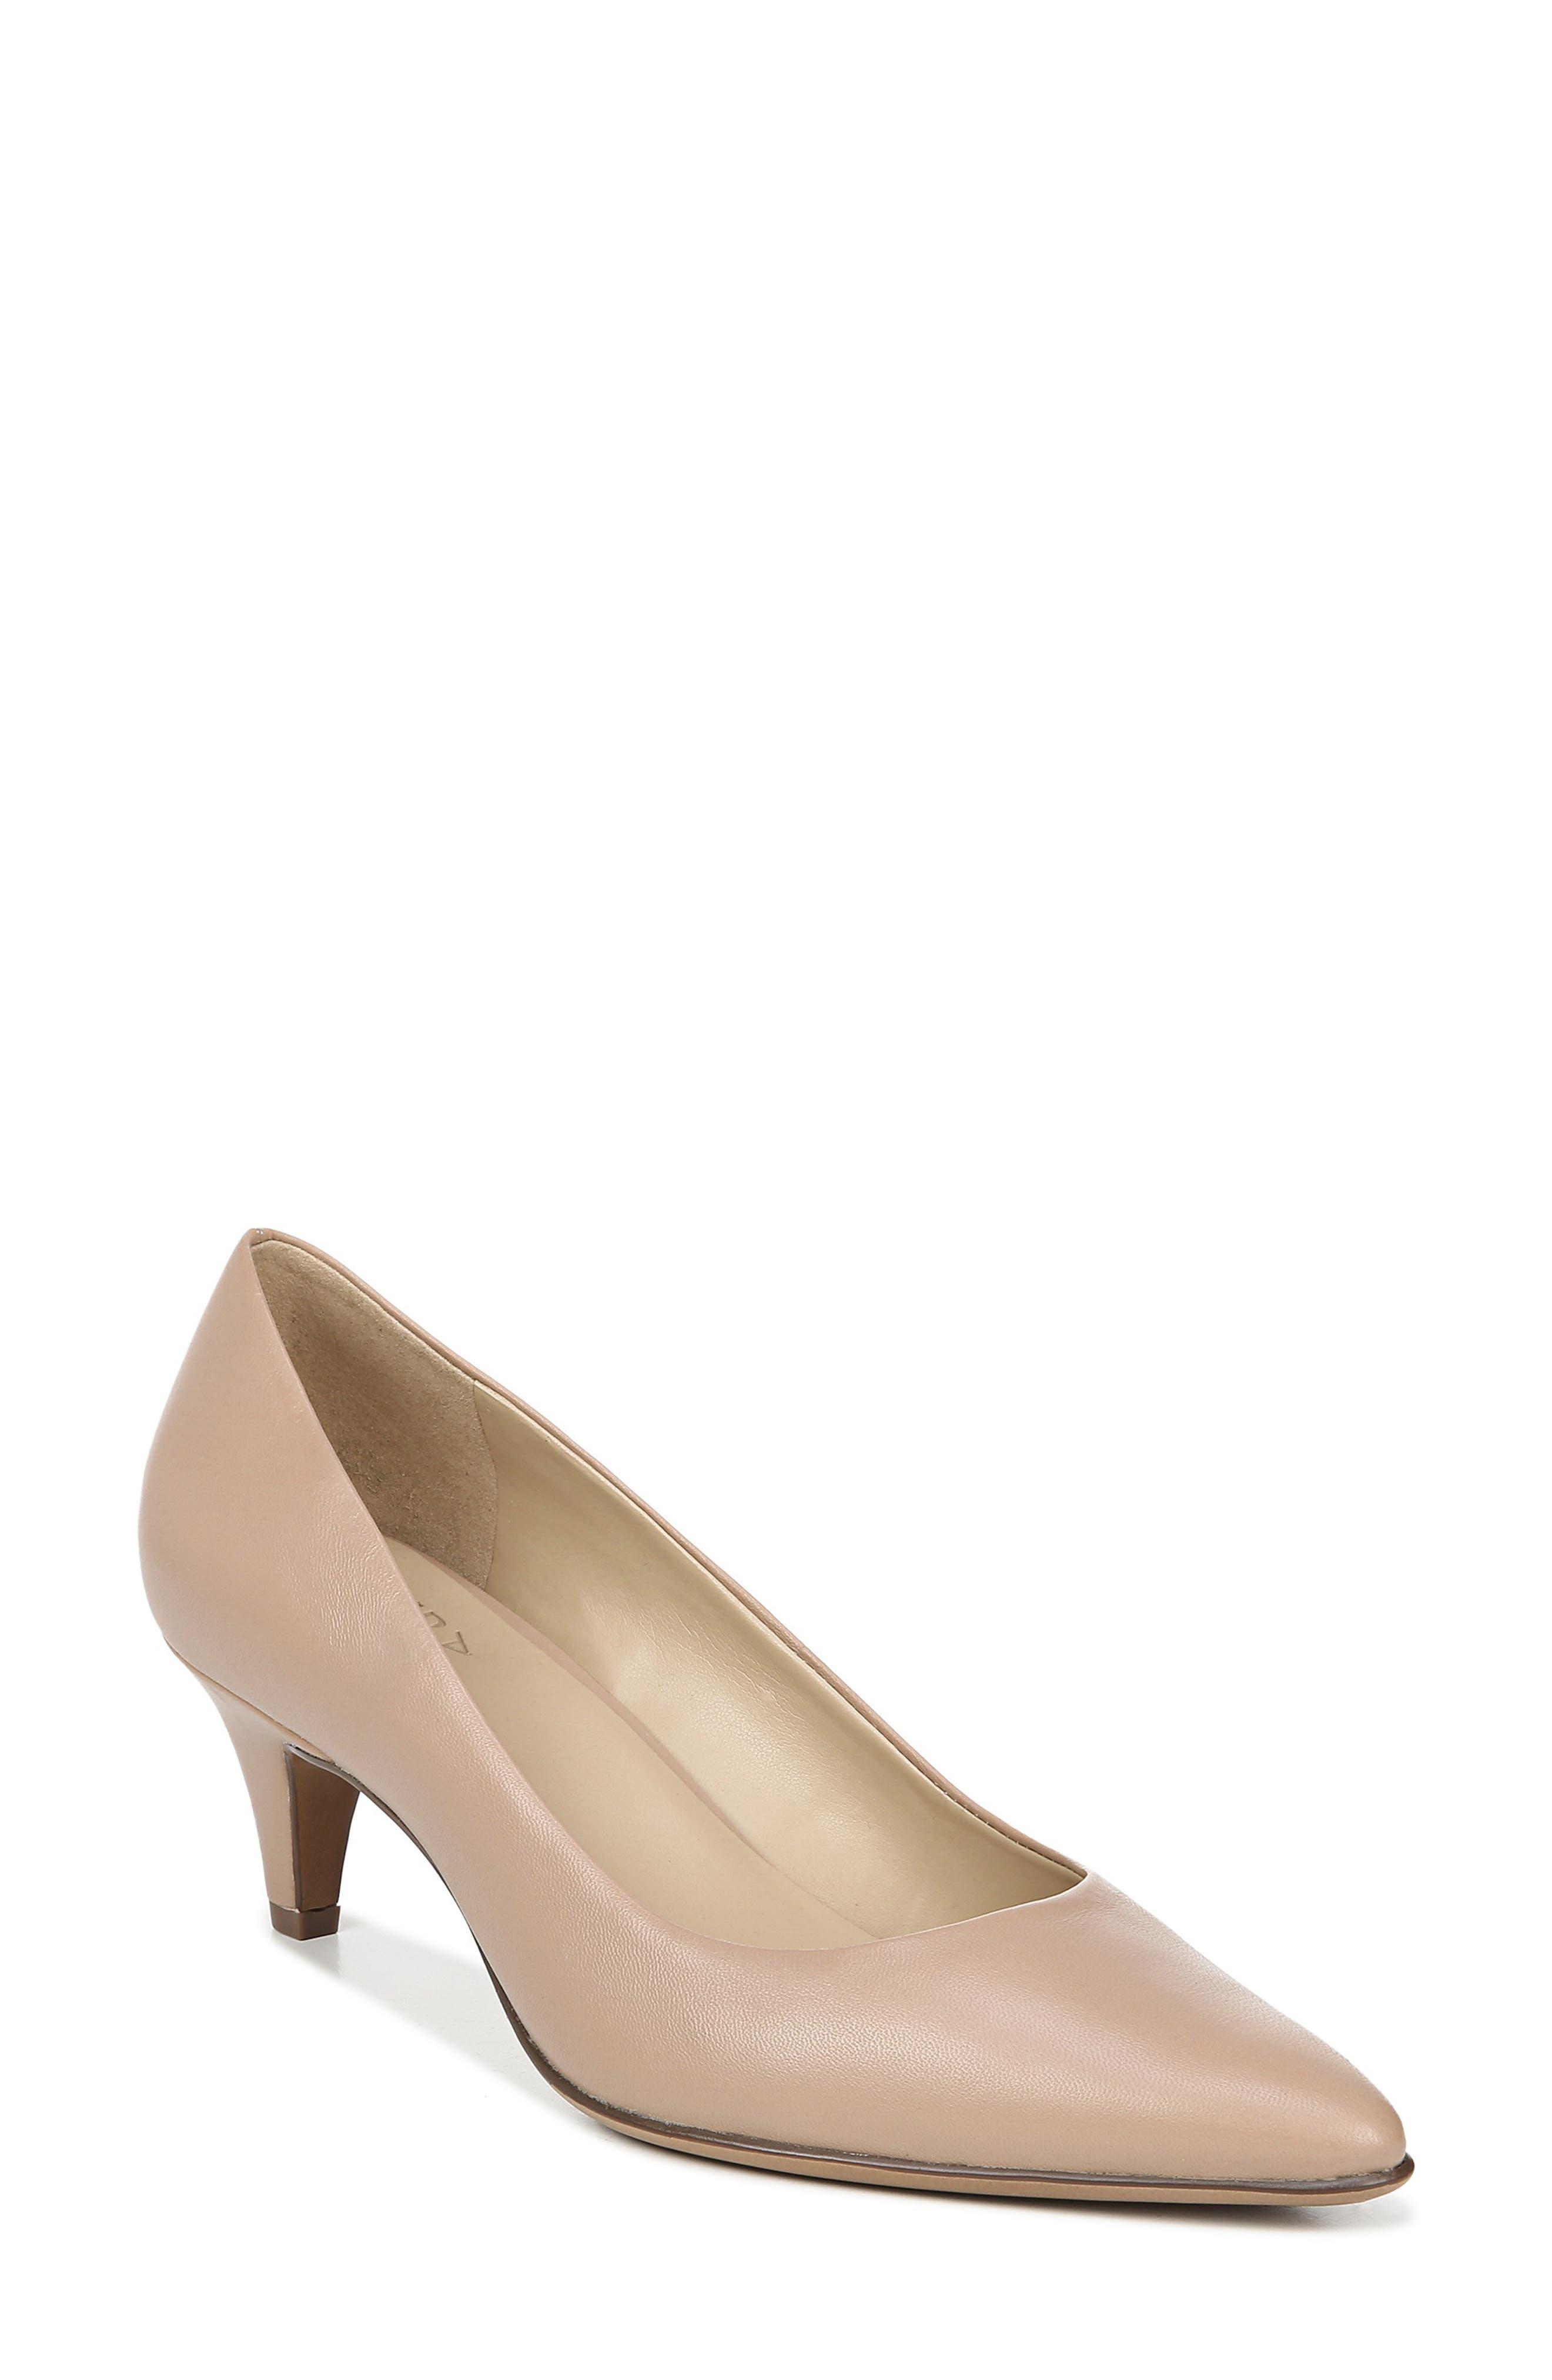 Women's Naturalizer Heels | Nordstrom